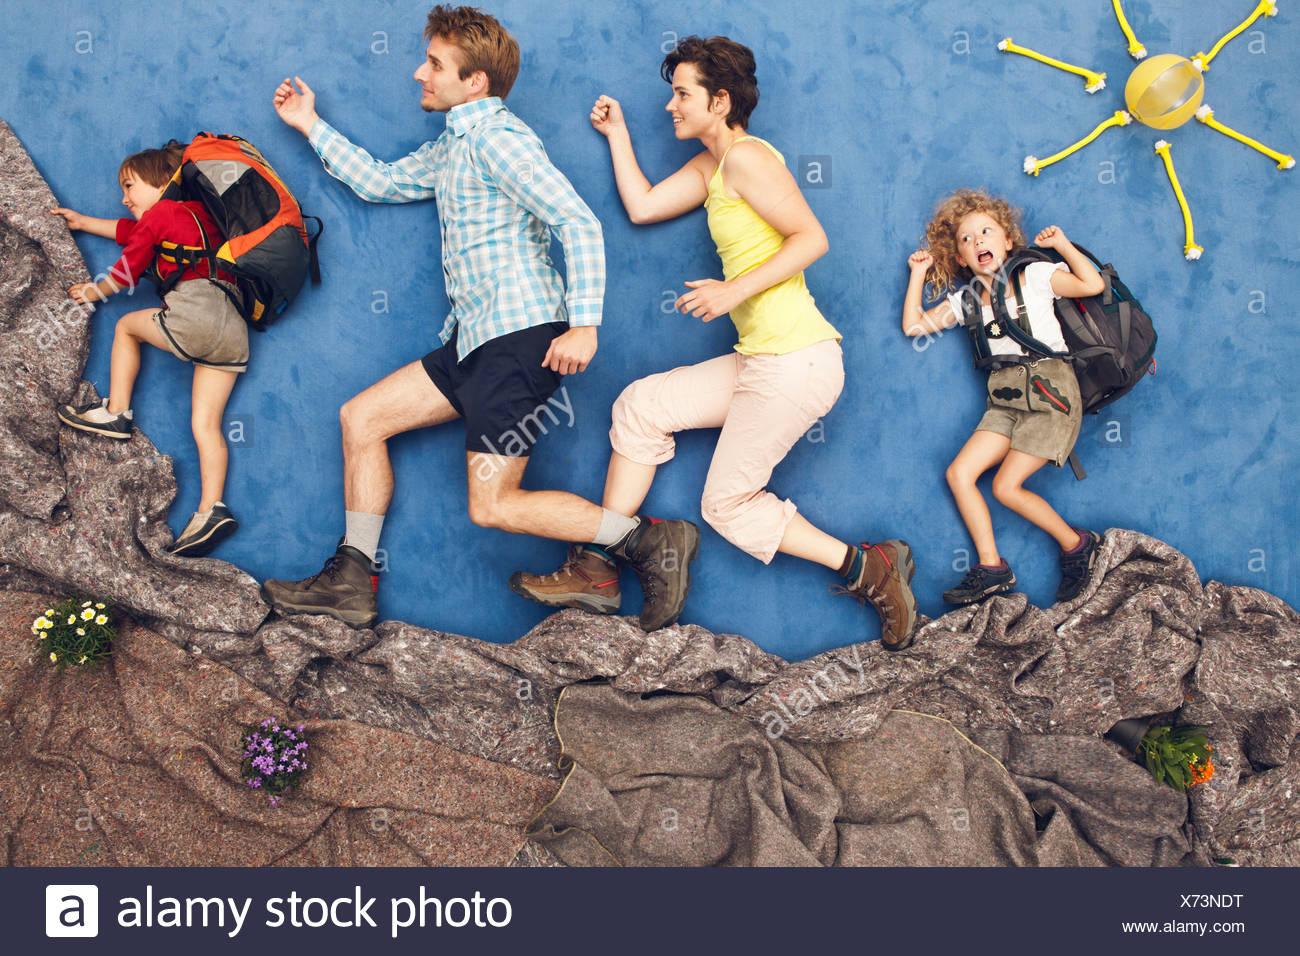 L'Allemagne, de l'alpinisme famille scène artificielle Banque D'Images